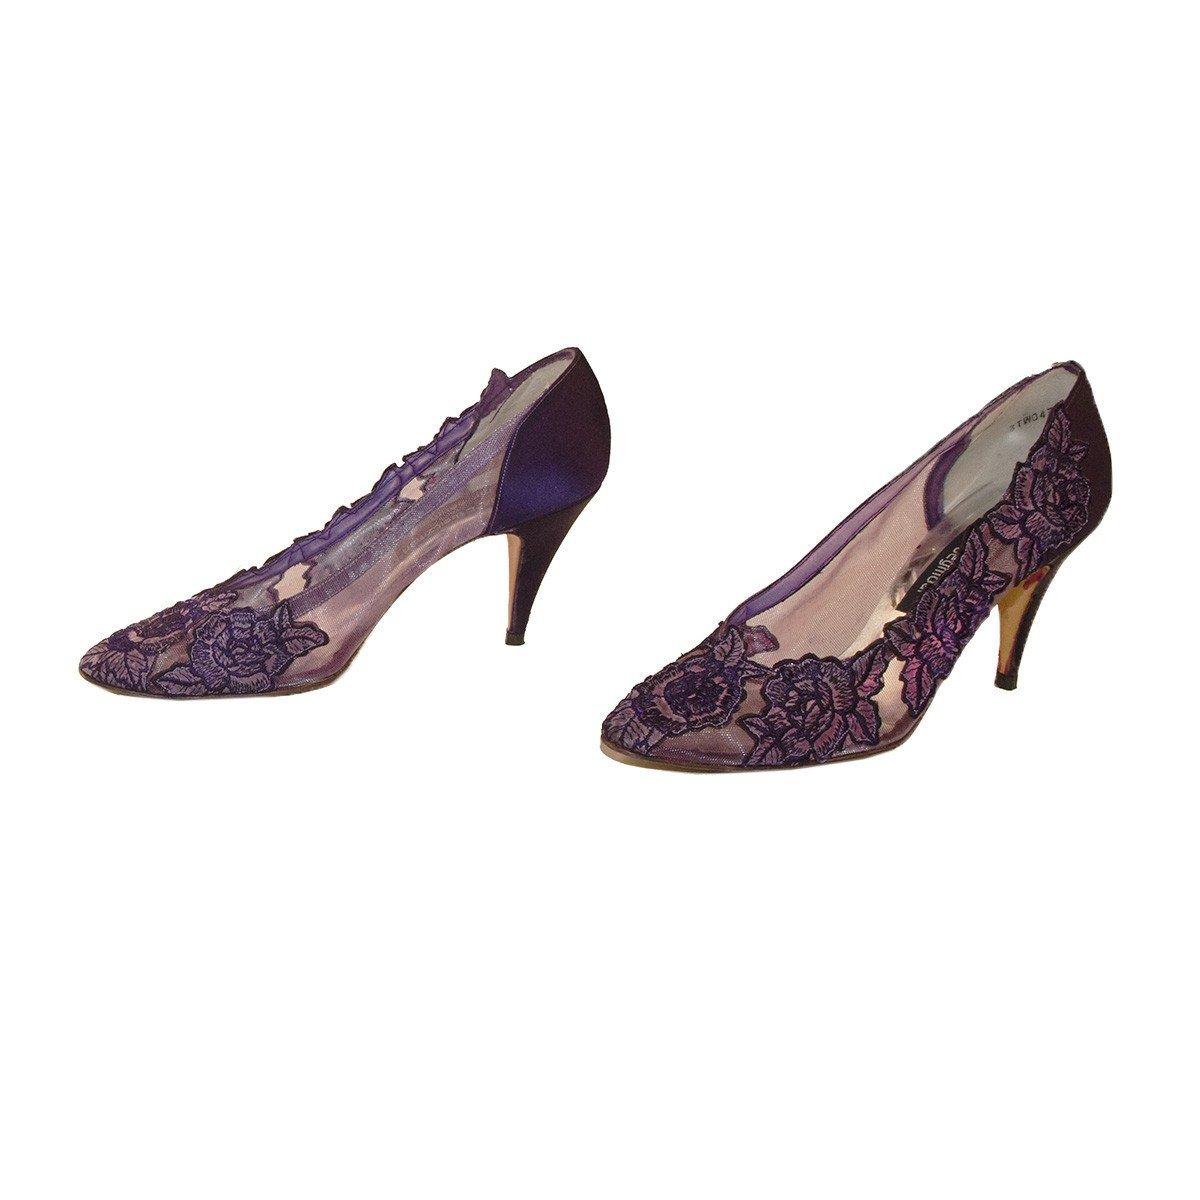 Stuart Weitzman Purple Lace Pumps, Pointed Toe, Size 9